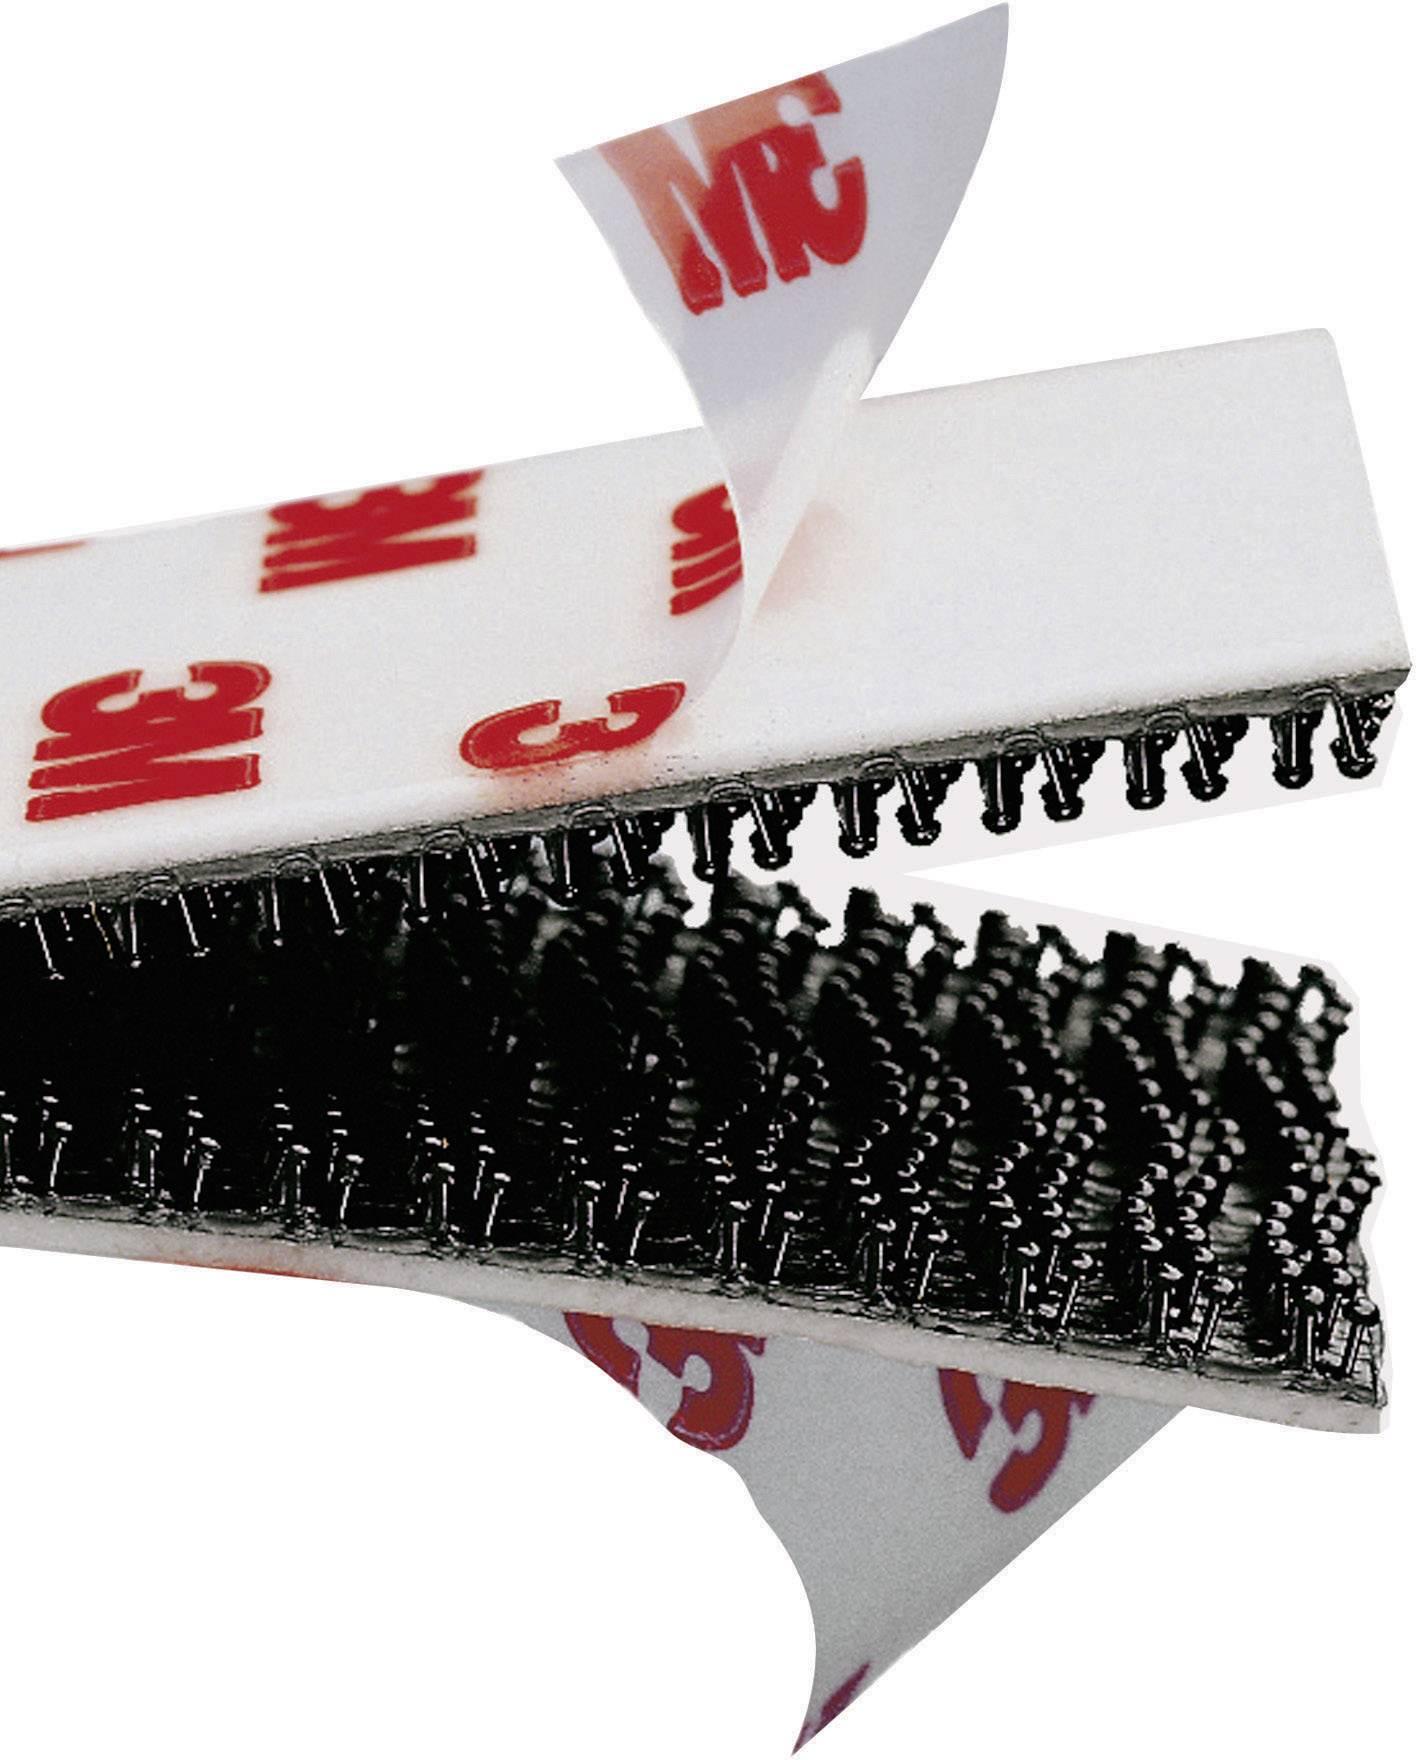 Samolepicí páska na speciální suchý zip 3M SJ 3552, 1 m